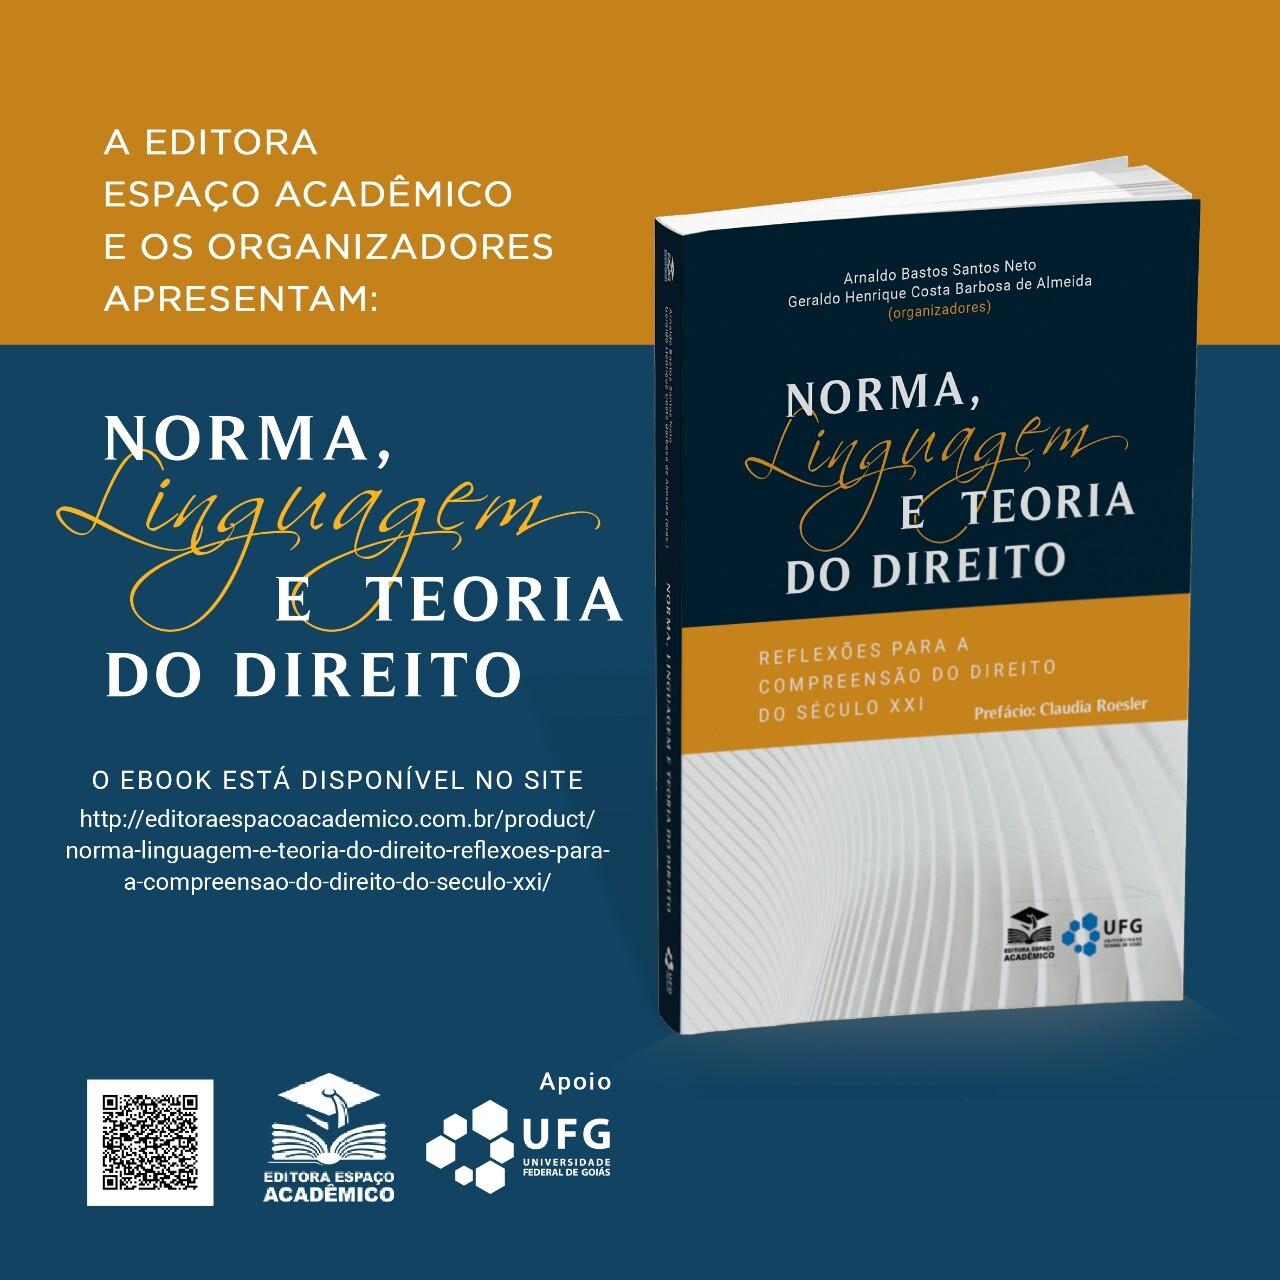 Norma linguagem e teorias do direito_Ebook-1-2_page-0001_02.jpg